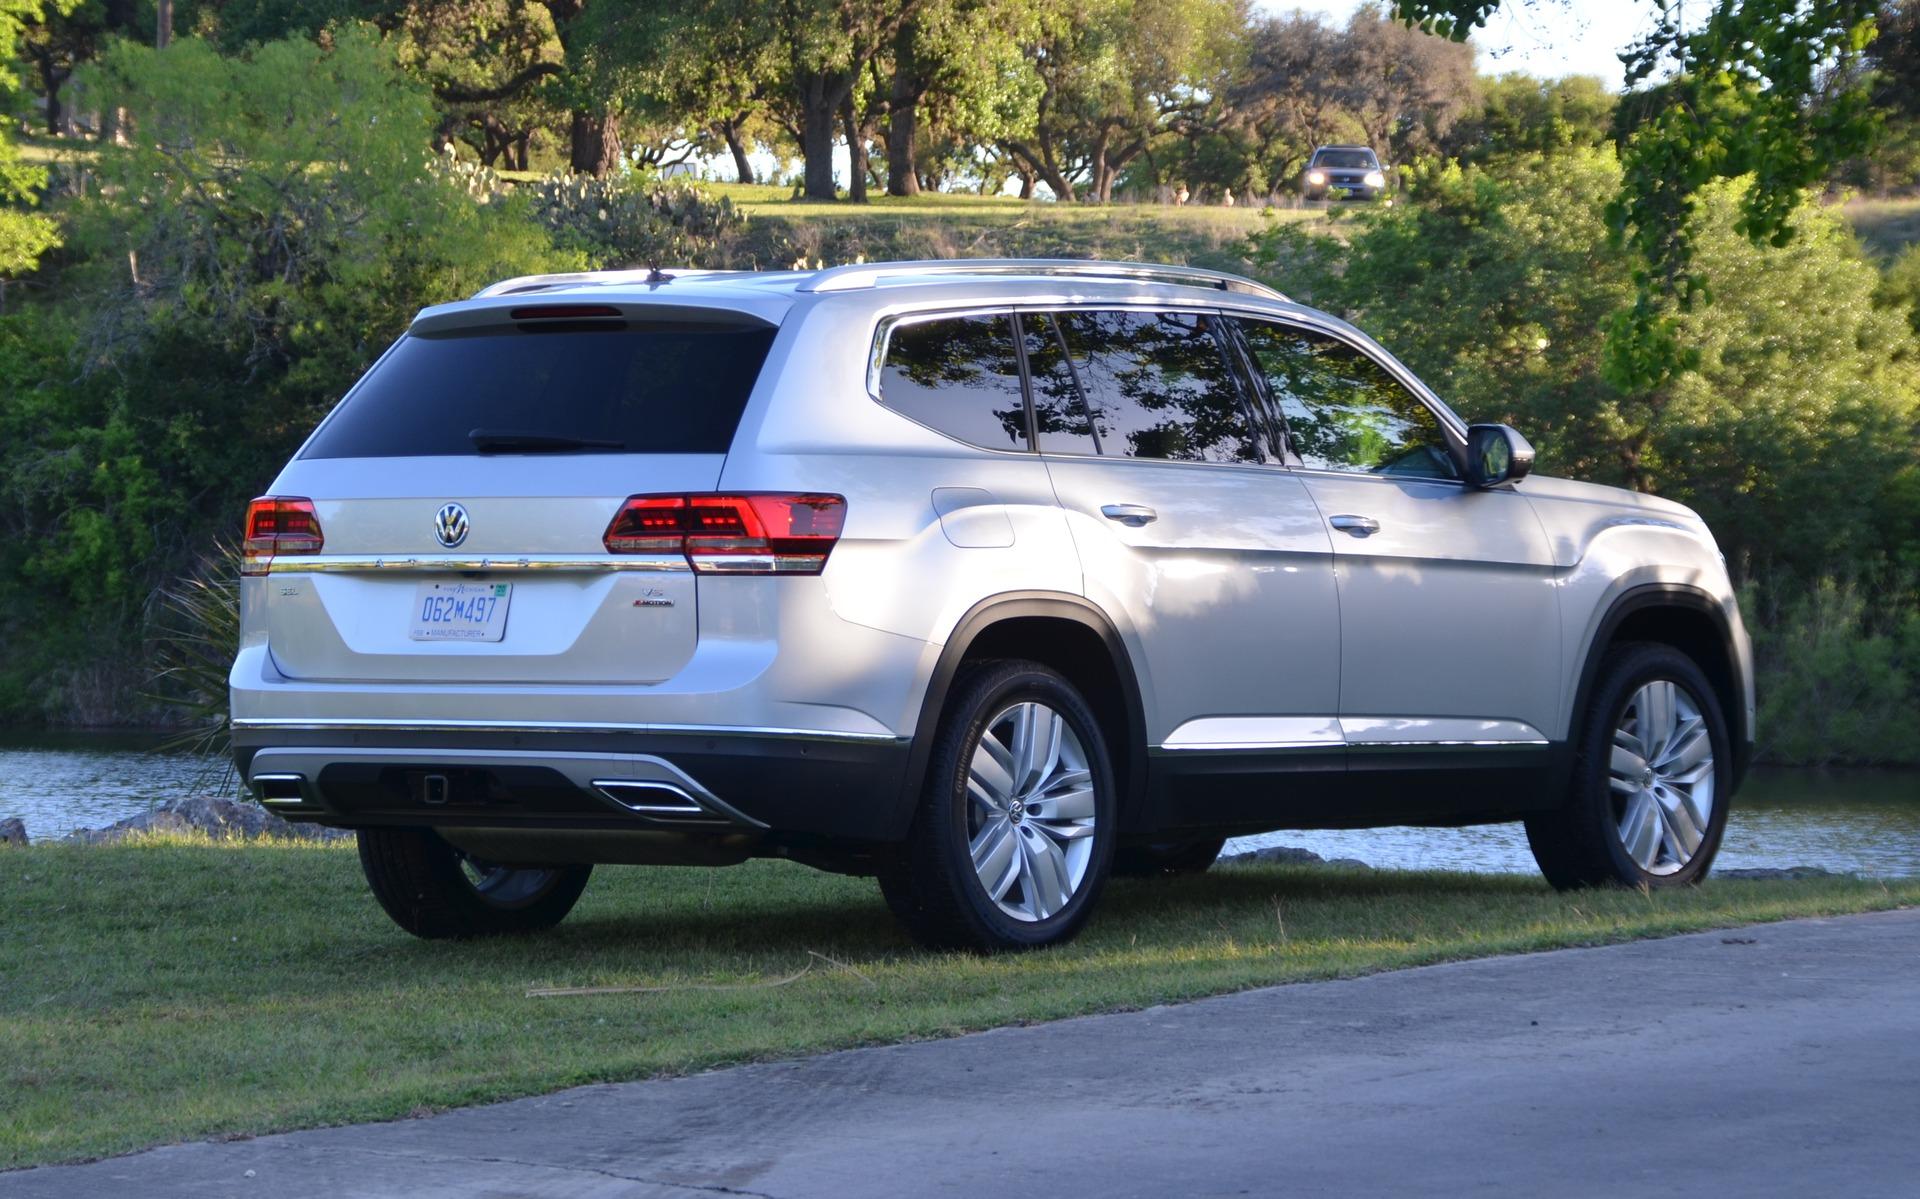 Volkswagen Of America >> 2018 Volkswagen Atlas: Like an Open Book on America - 2/25